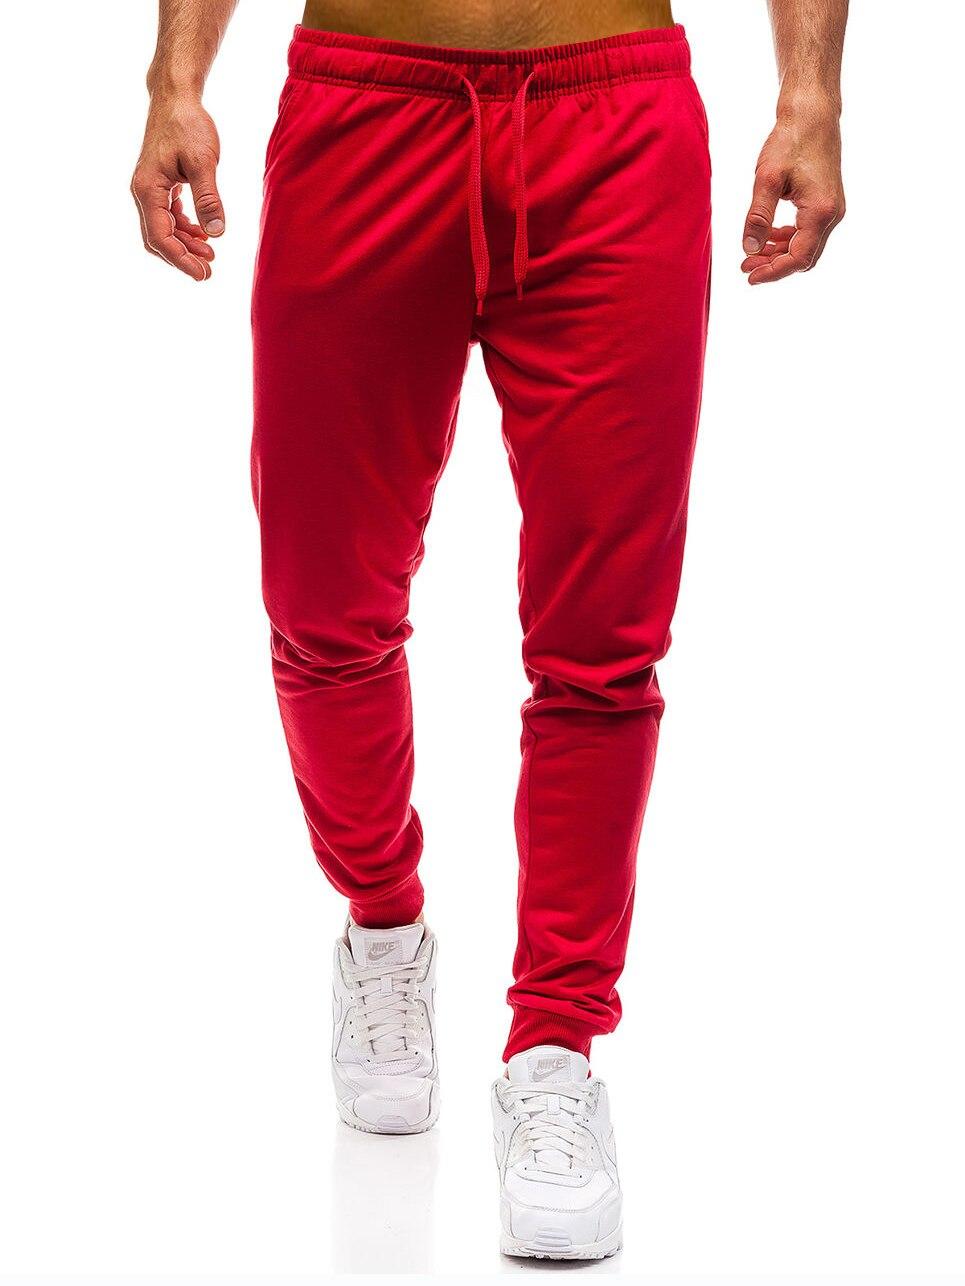 Männer Jogginghose 2018 Marke Mode Koreanischen Wilden Seite Track Casual Jogger Männer Elastizität Lange Hosen Plus Größe Baumwolle Hosen Rot